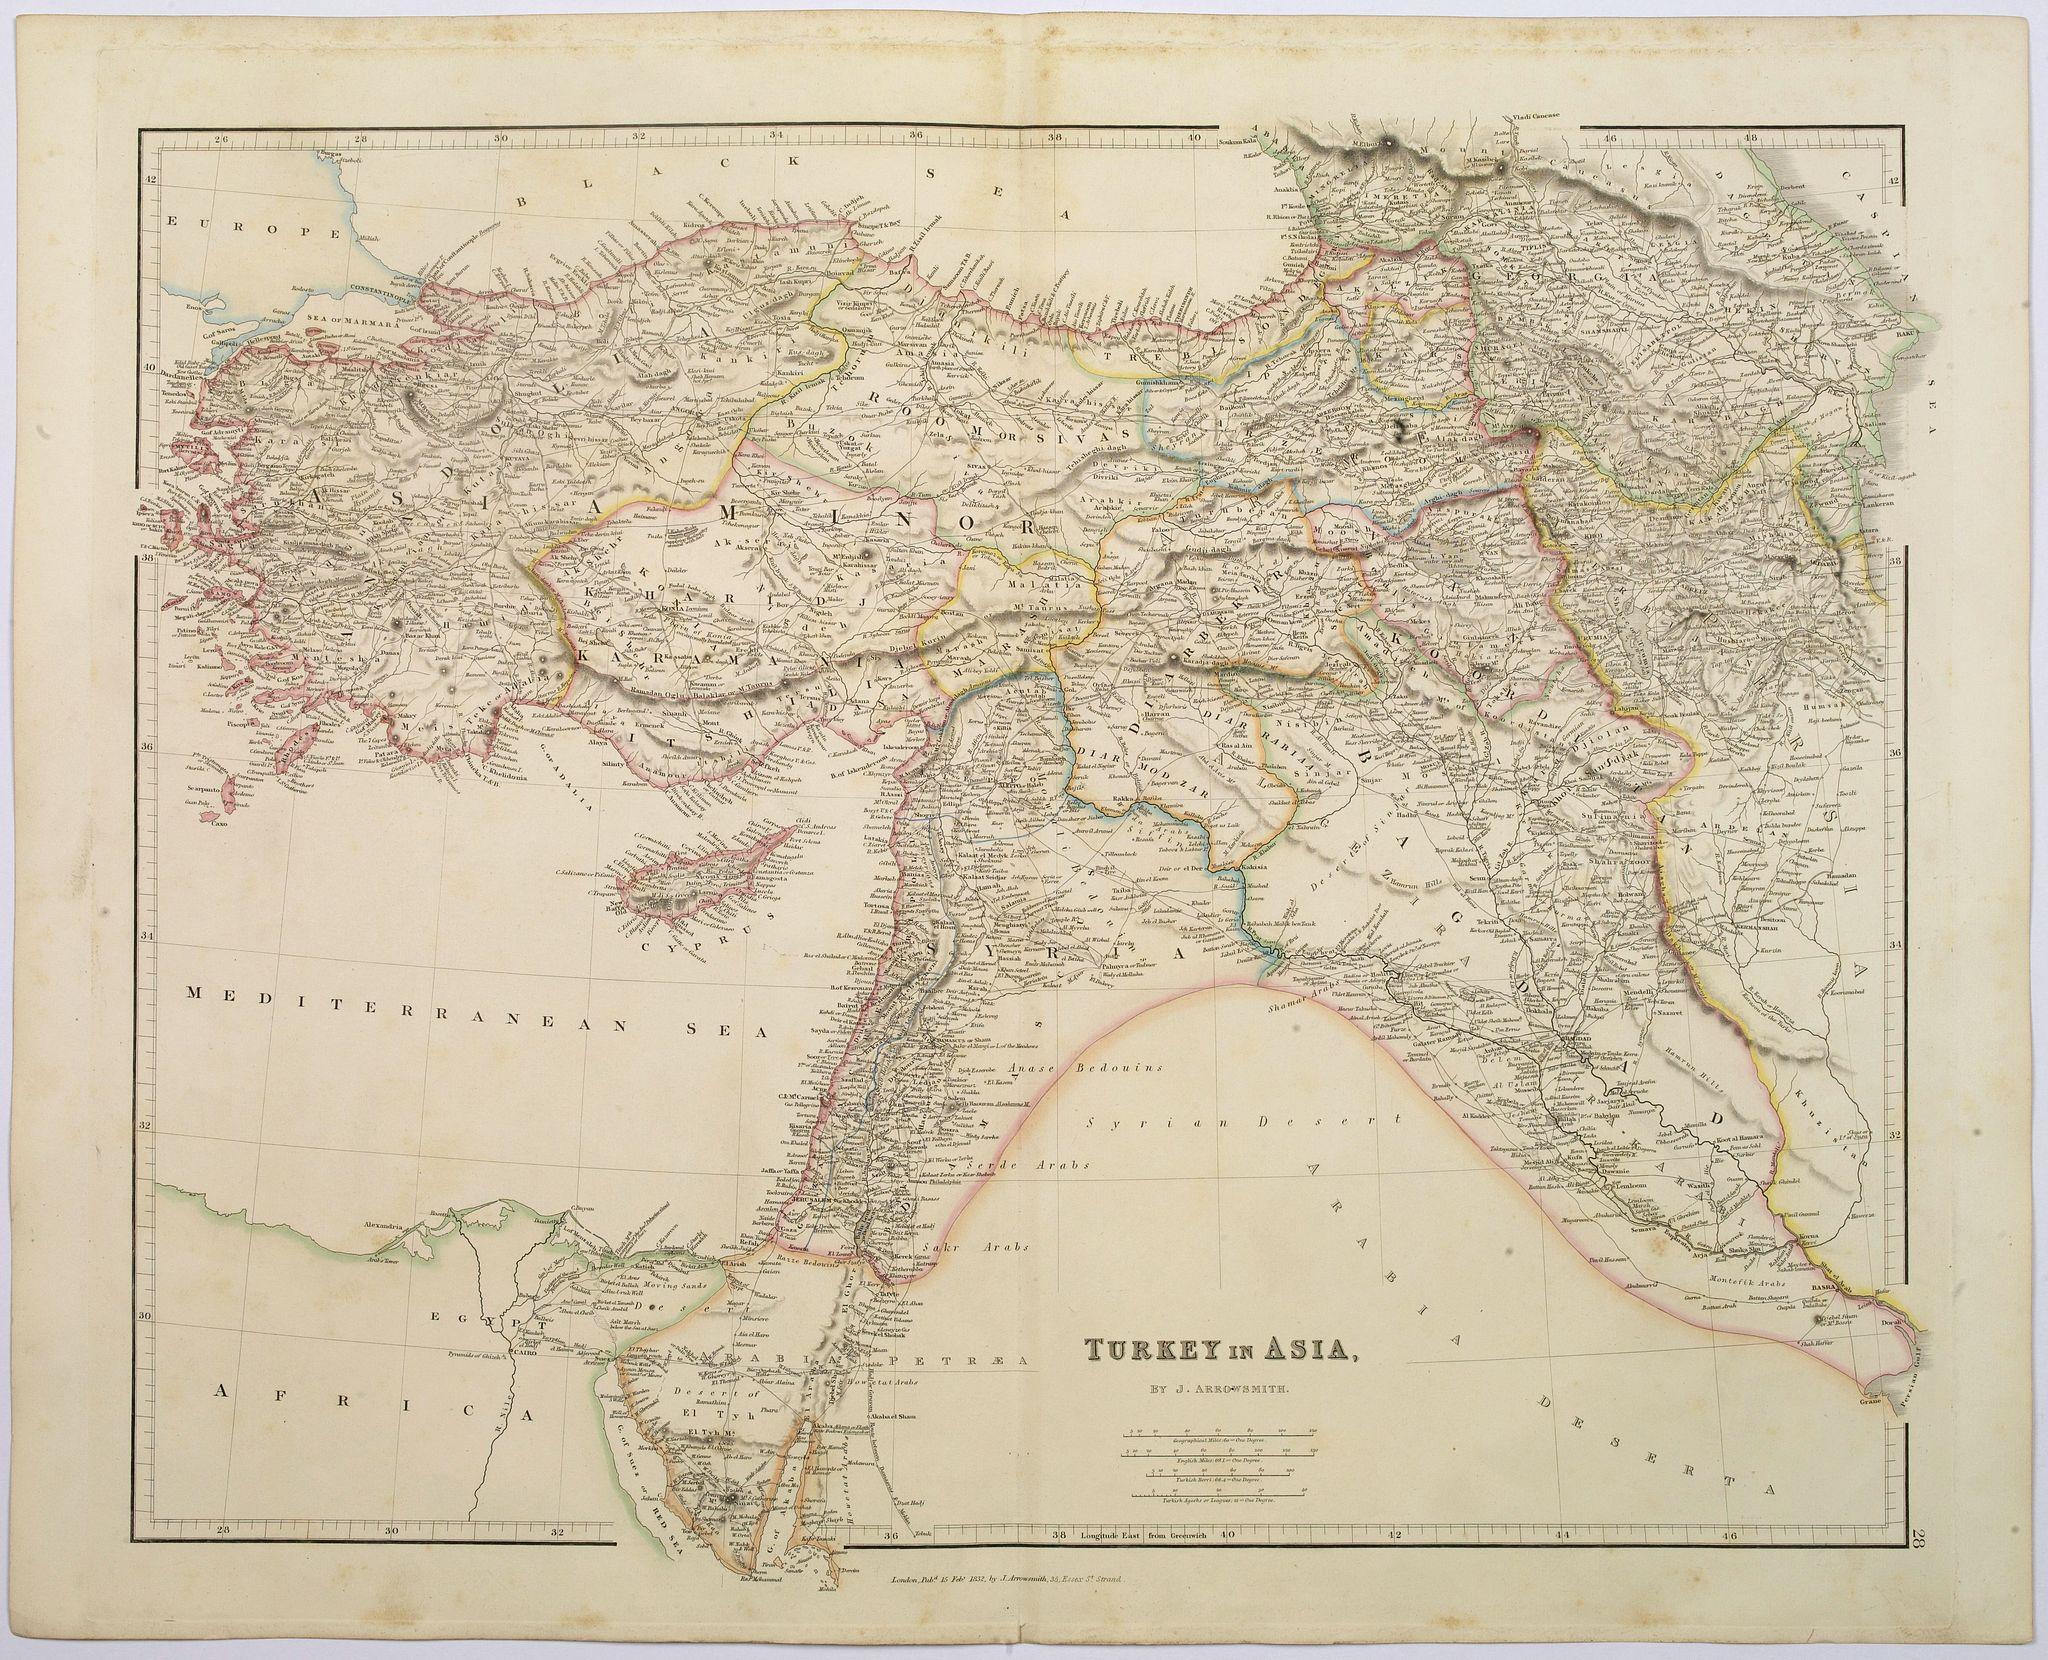 ARROWSMITH, John -  Turkey in Asia.